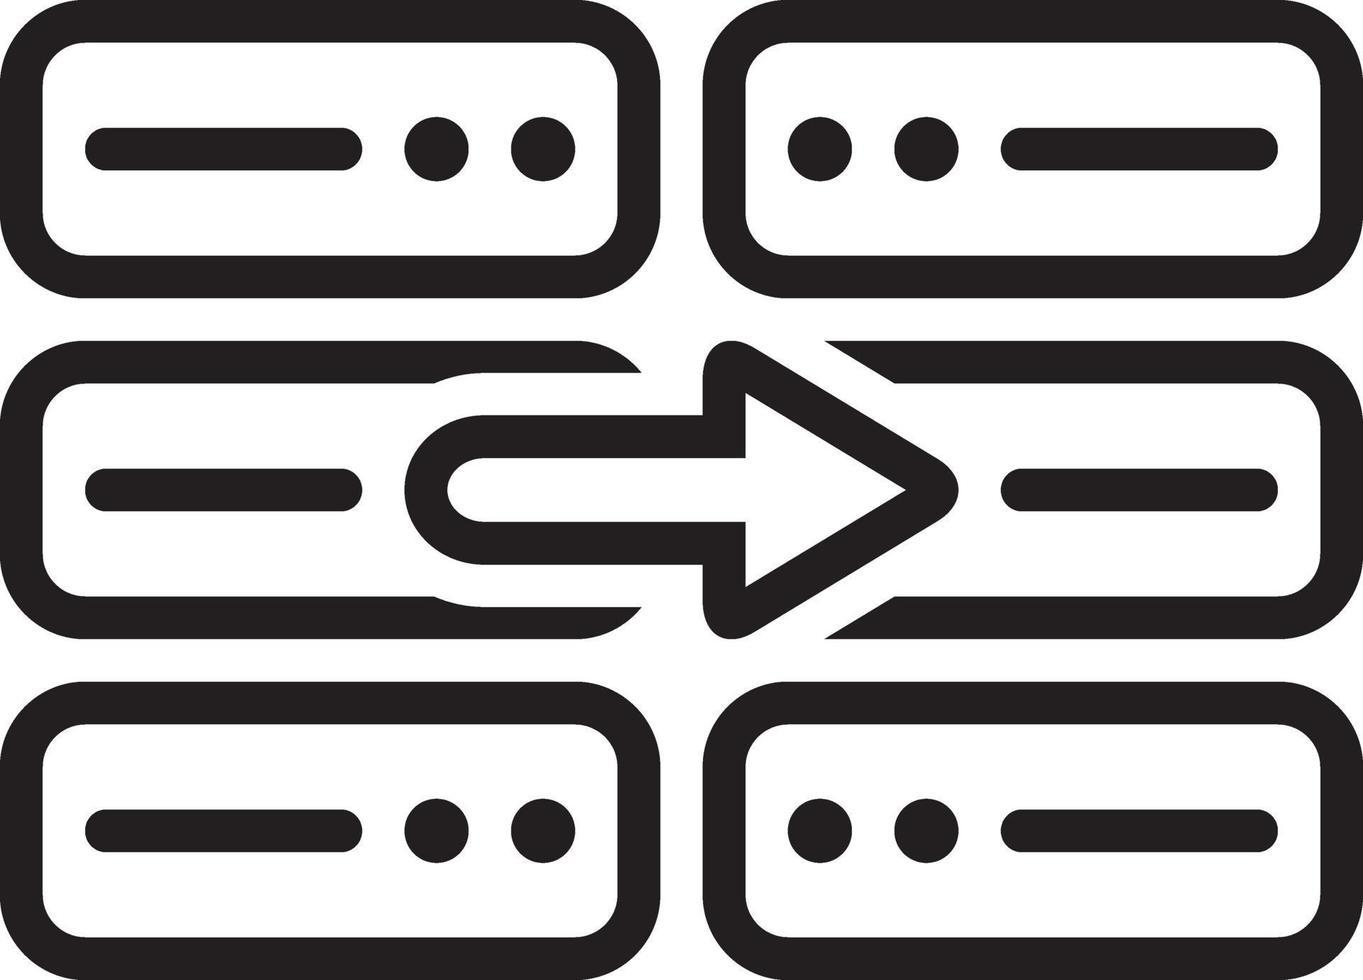 icône de ligne pour copie vecteur